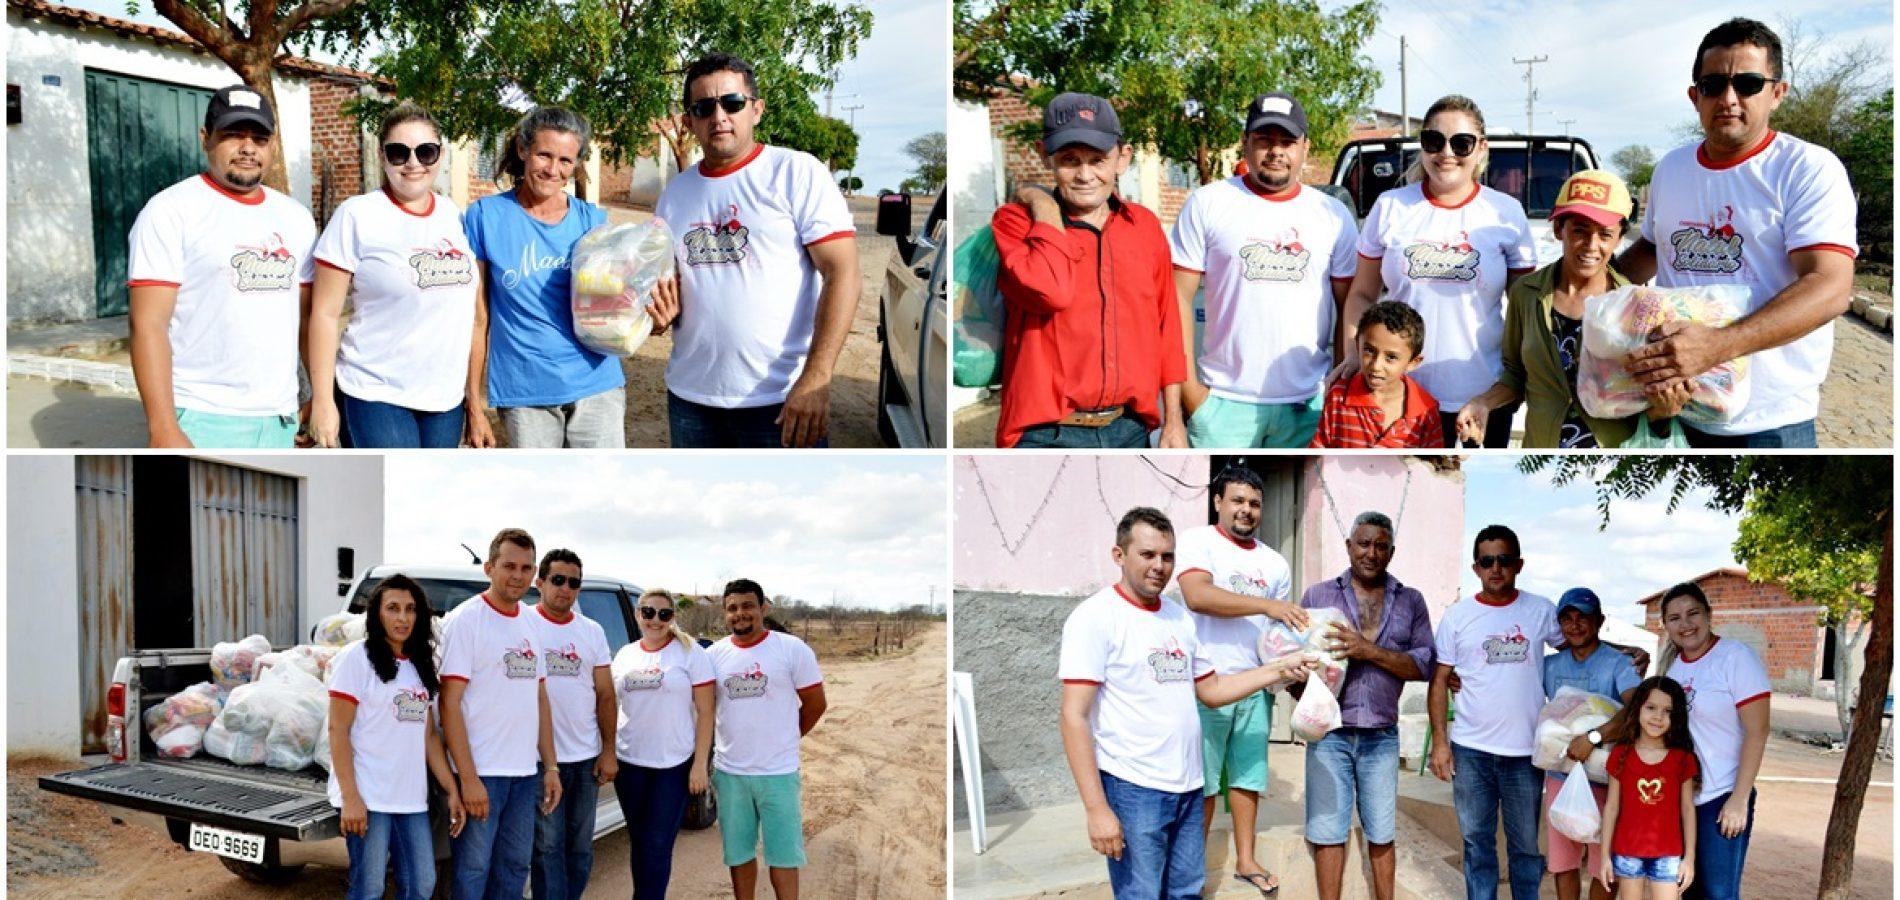 Vereador Roberto Moura doa mais de 800 kg de alimentos em cestas de natal para 52 famílias de Vila Nova do PI